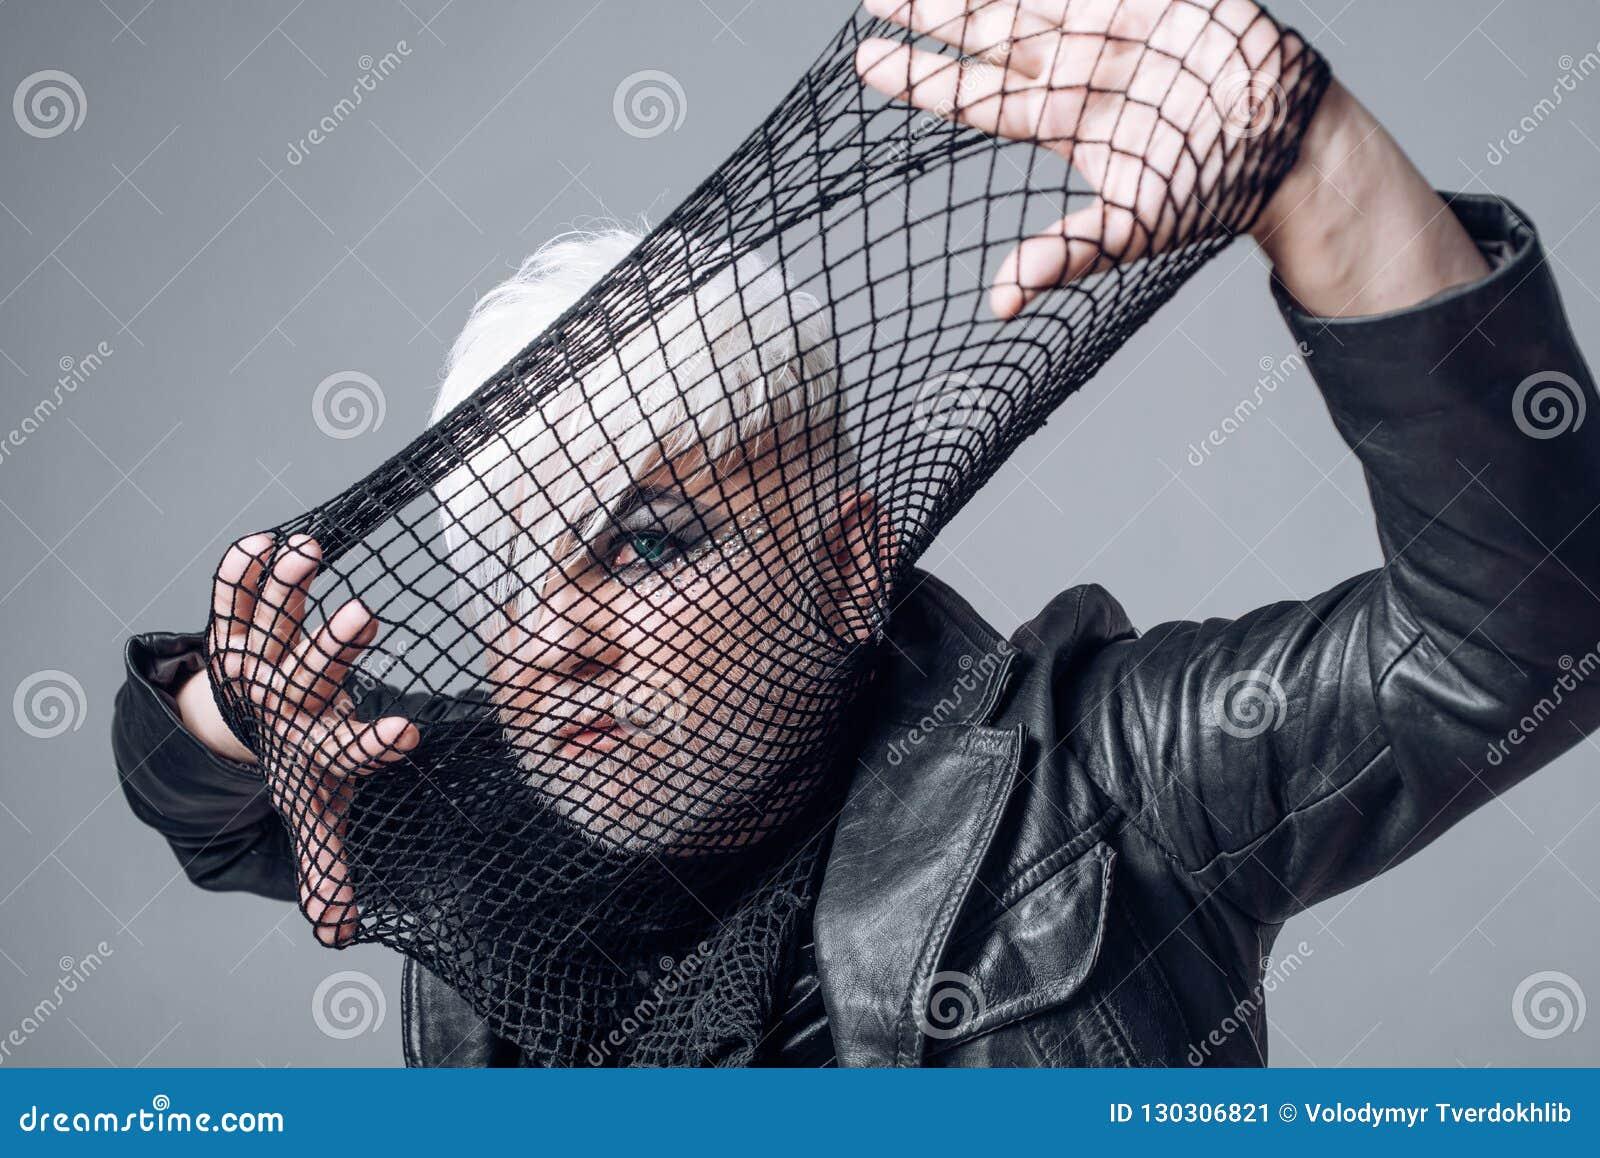 Кто хочет сыграть Сторона крышки человека трансгендерного с fishnet Мужской взгляд макияжа Мода фетиша Аксессуар моды BDSM